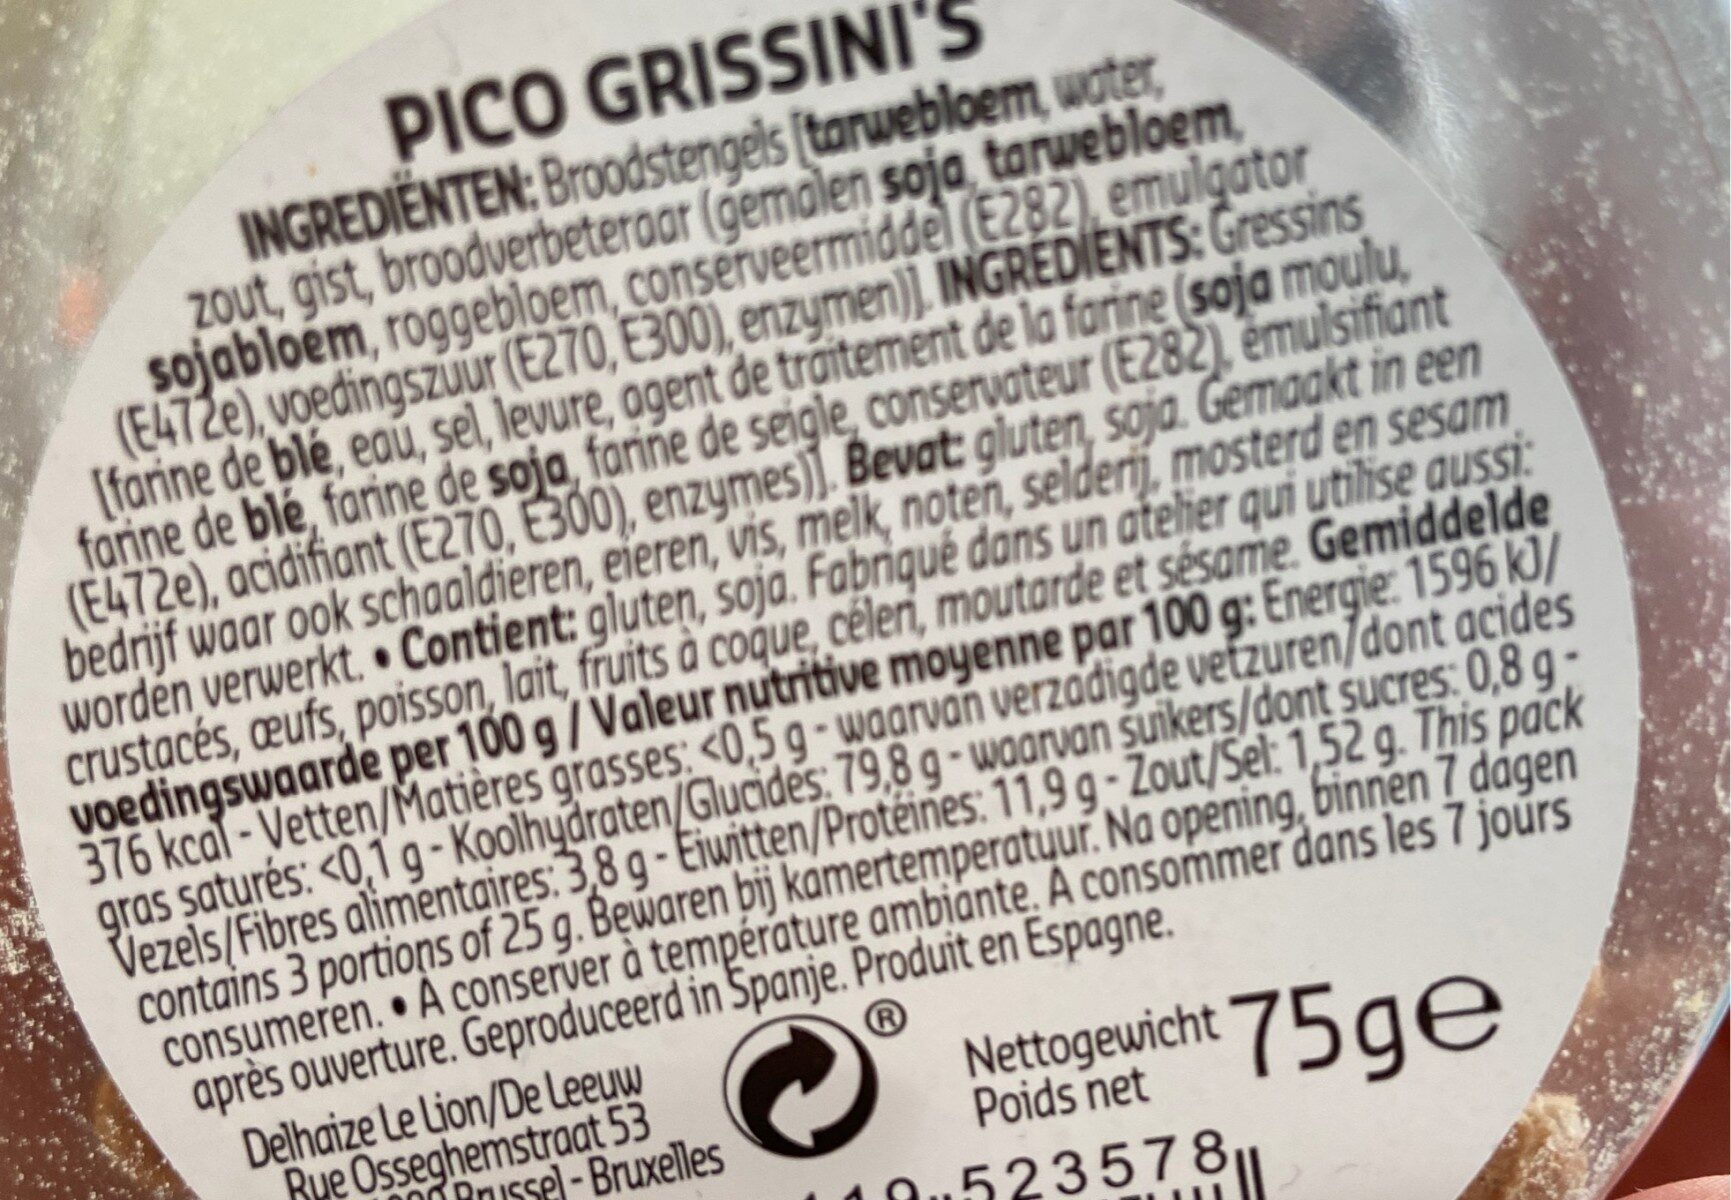 Pico grissini's - Informations nutritionnelles - fr